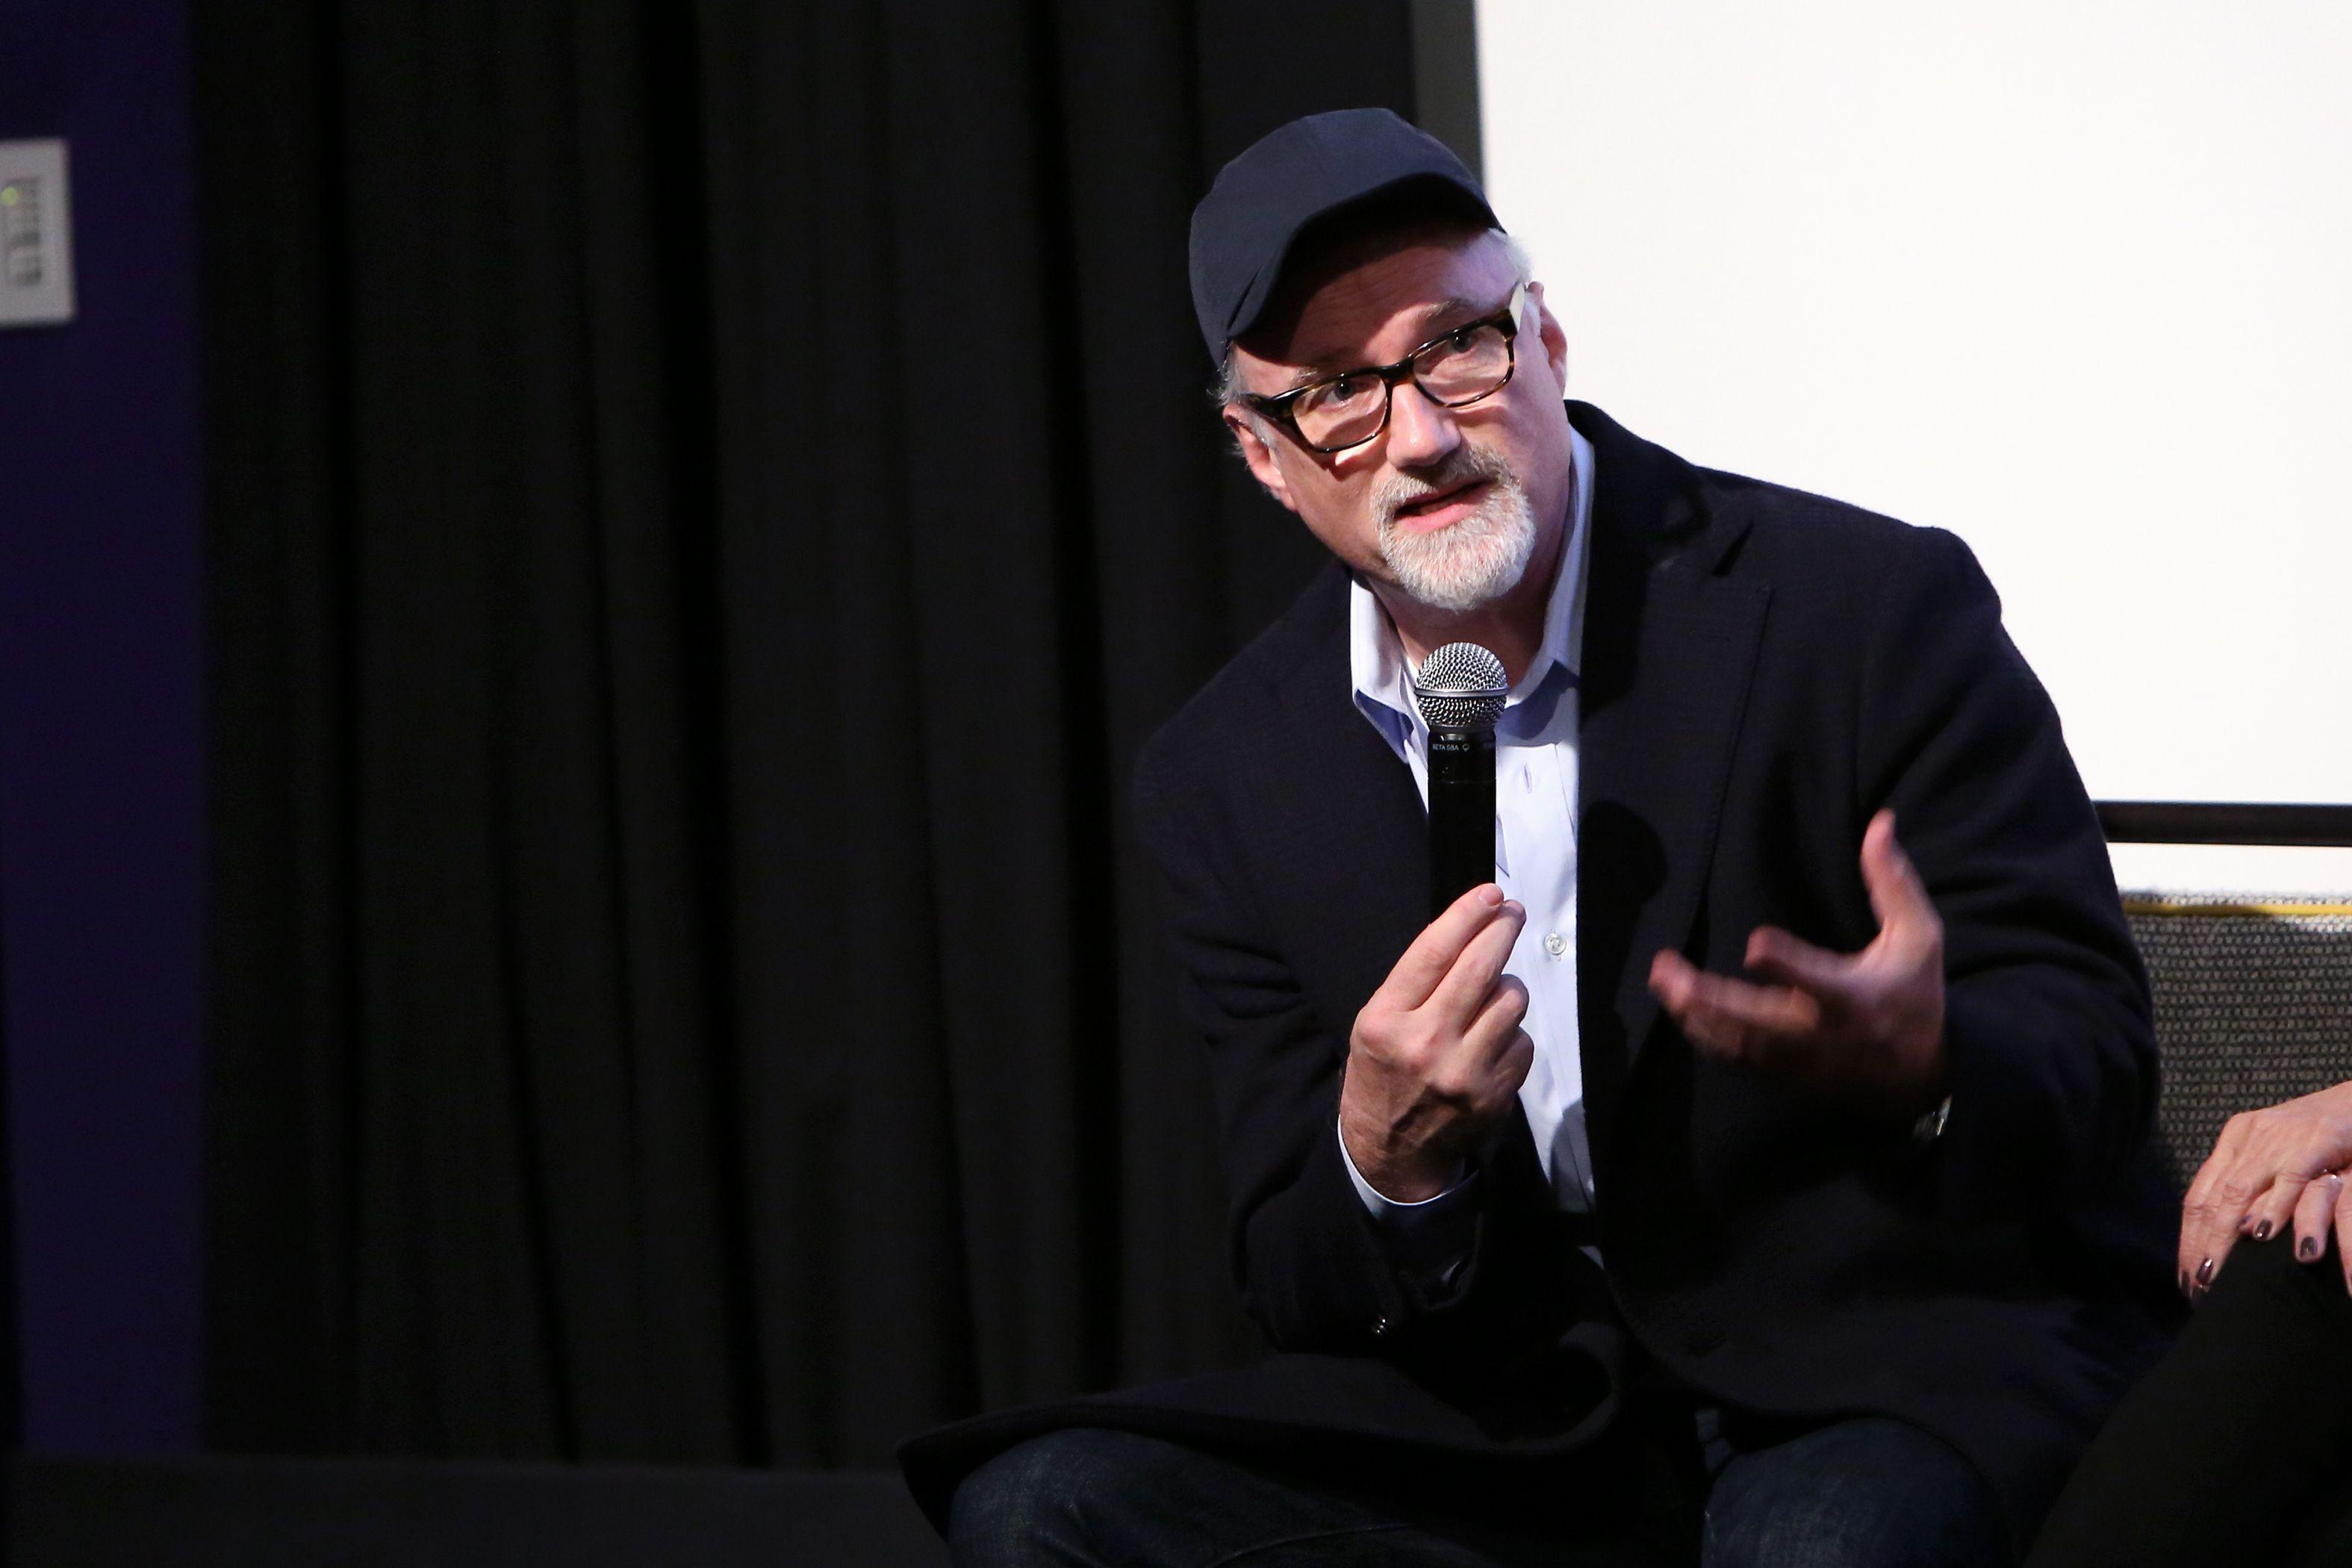 """David FincherNetflix Original Series """"Mindhunter"""" ATAS Official Screening and Panel at The Crosby Street, New York, USA - 19 May 2018"""